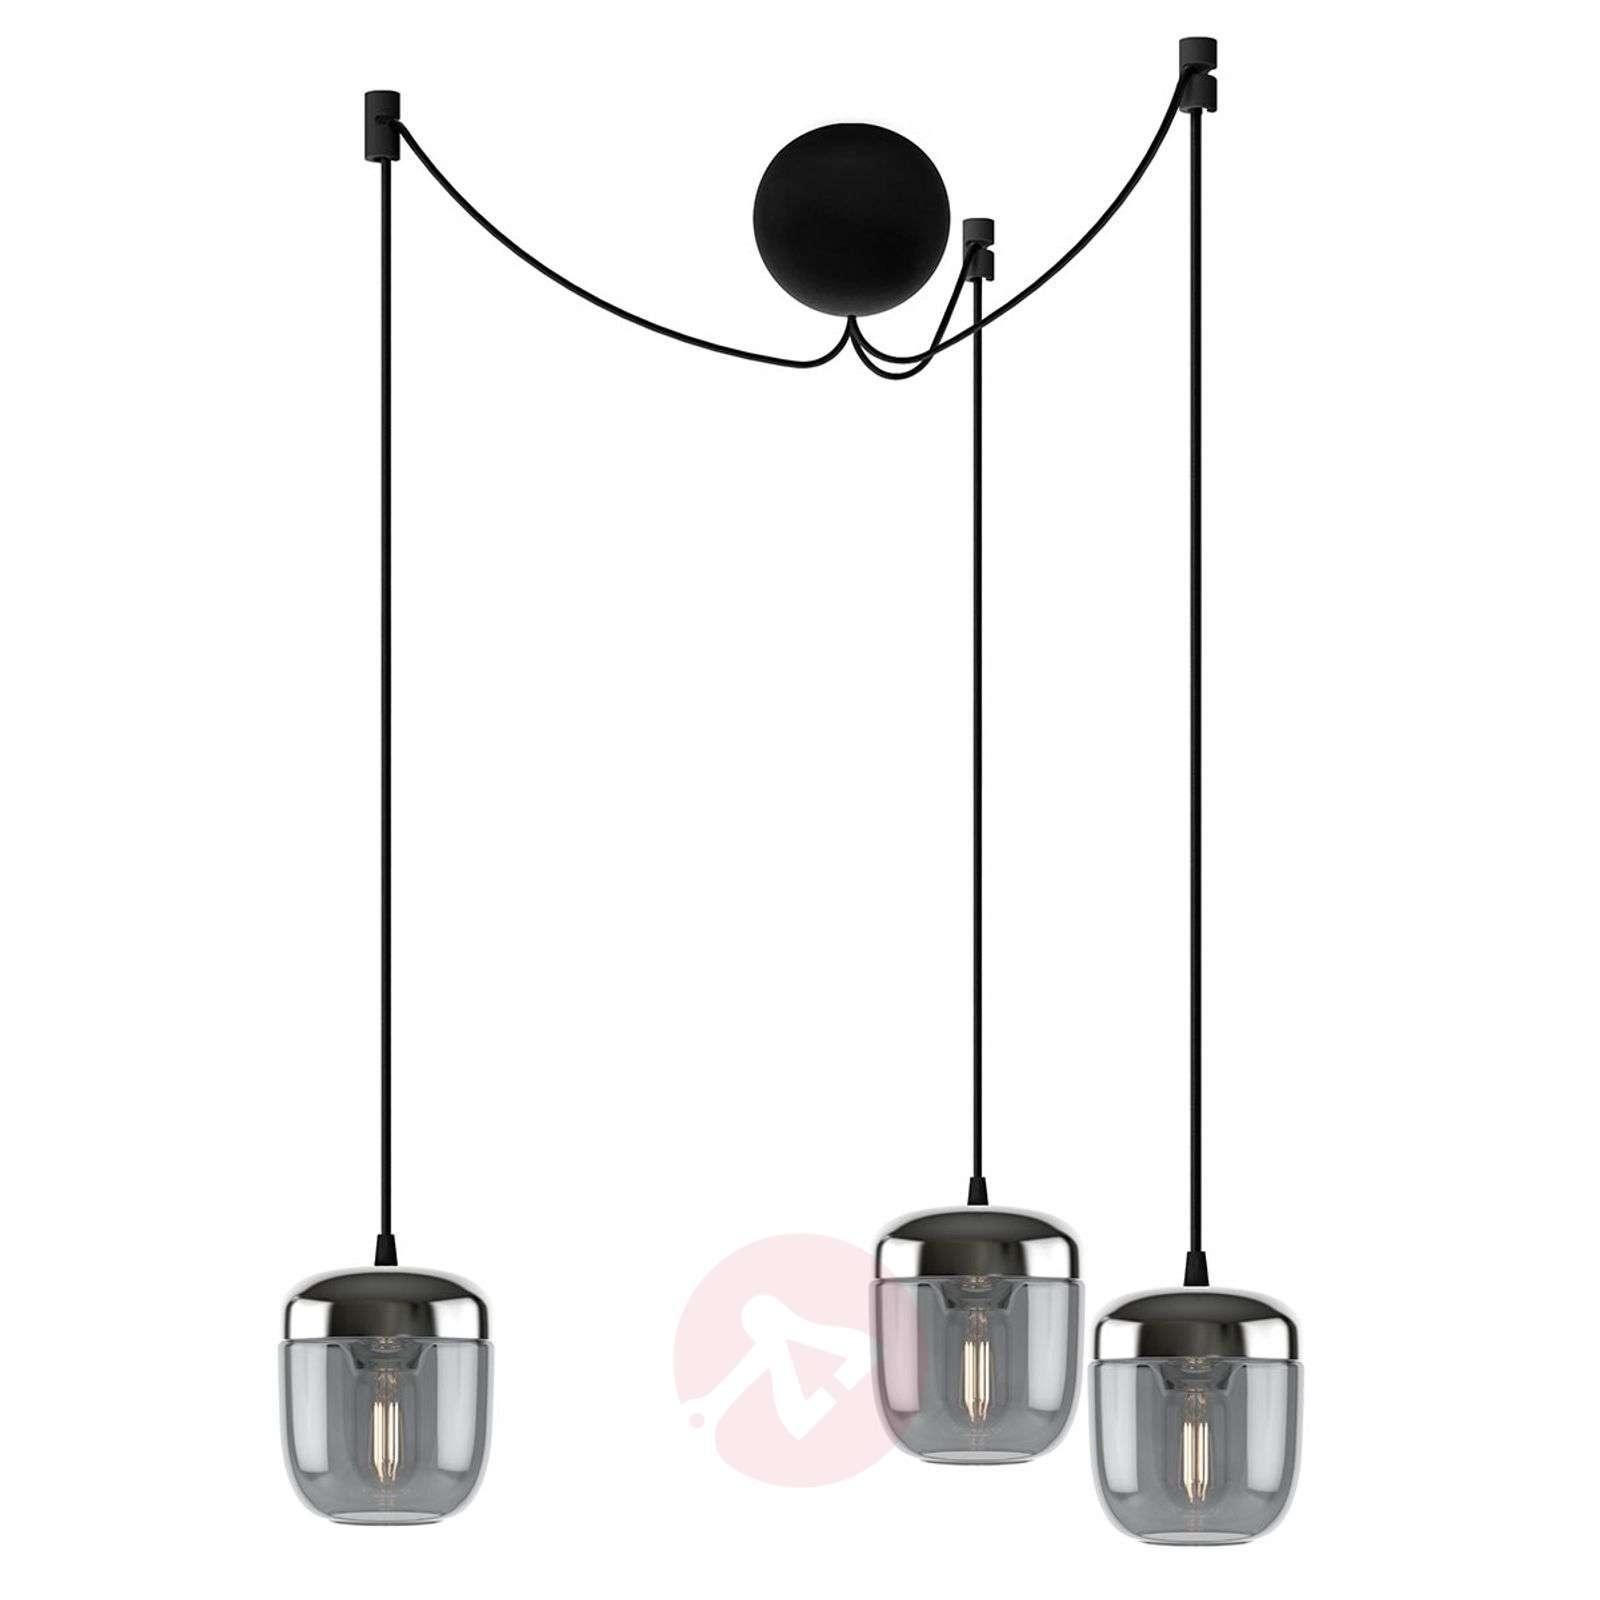 UMAGE Acorn riippuvalo 3 lamppu savunharmaa teräs-9521221-01